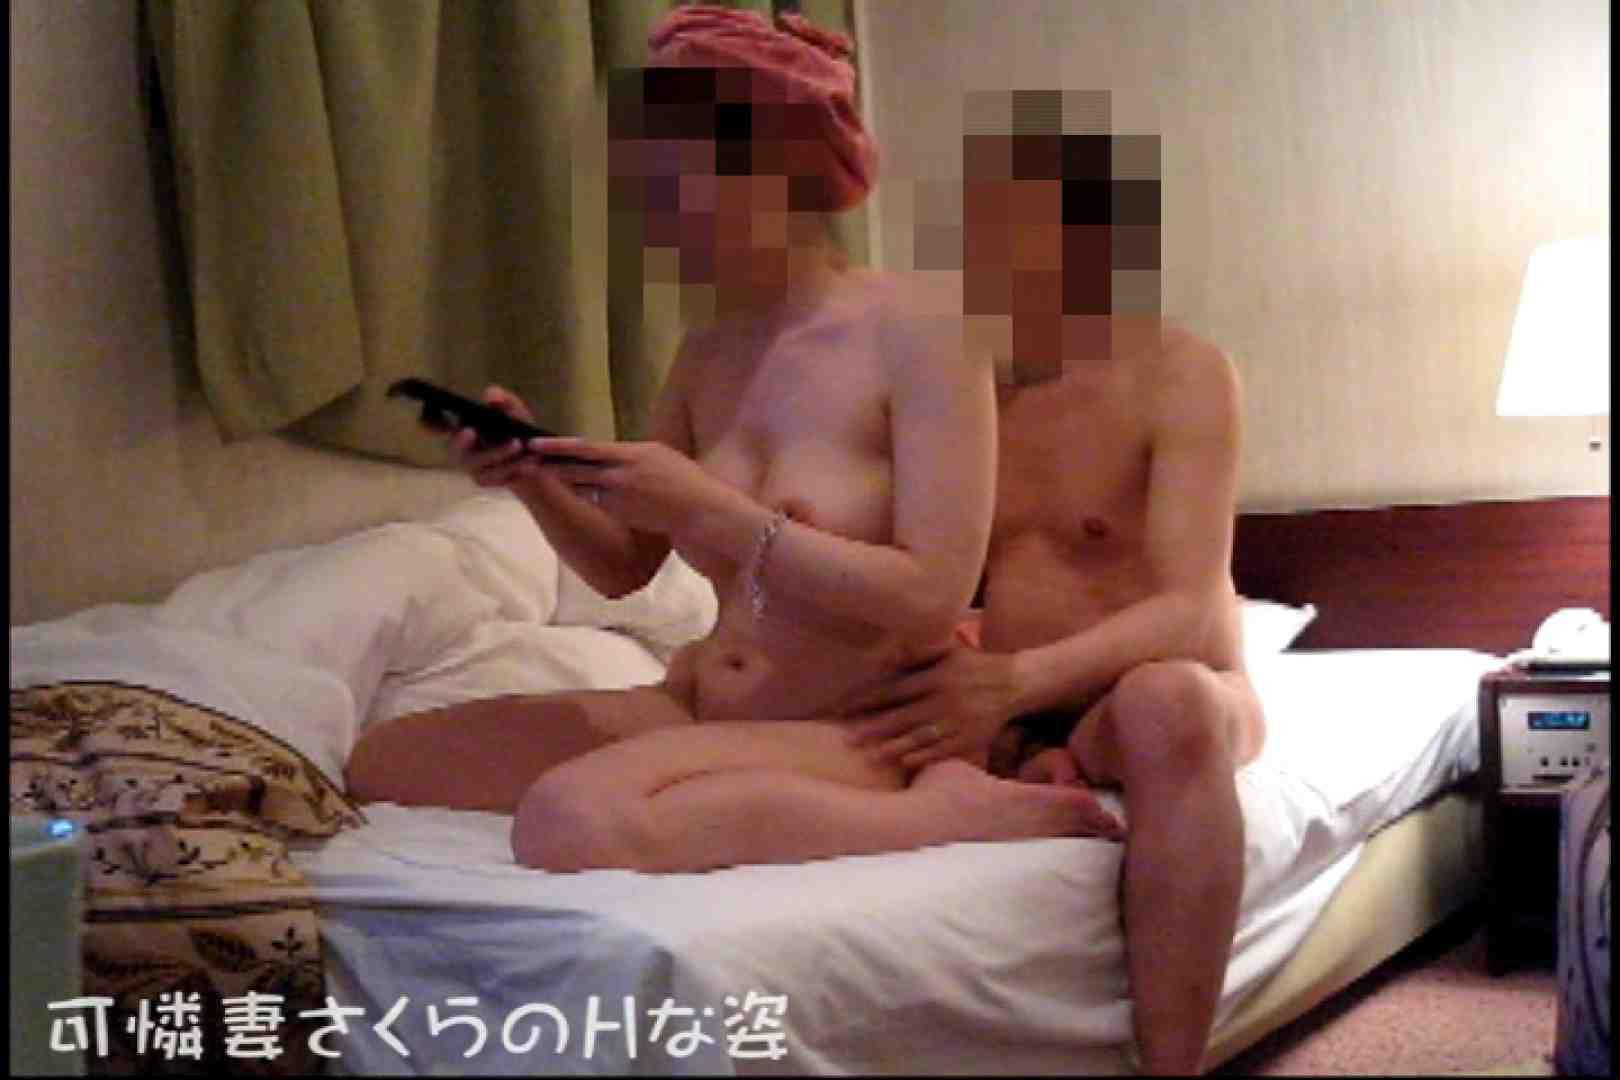 可憐妻さくらのHな姿vol.5前編 美乳特集  63連発 12